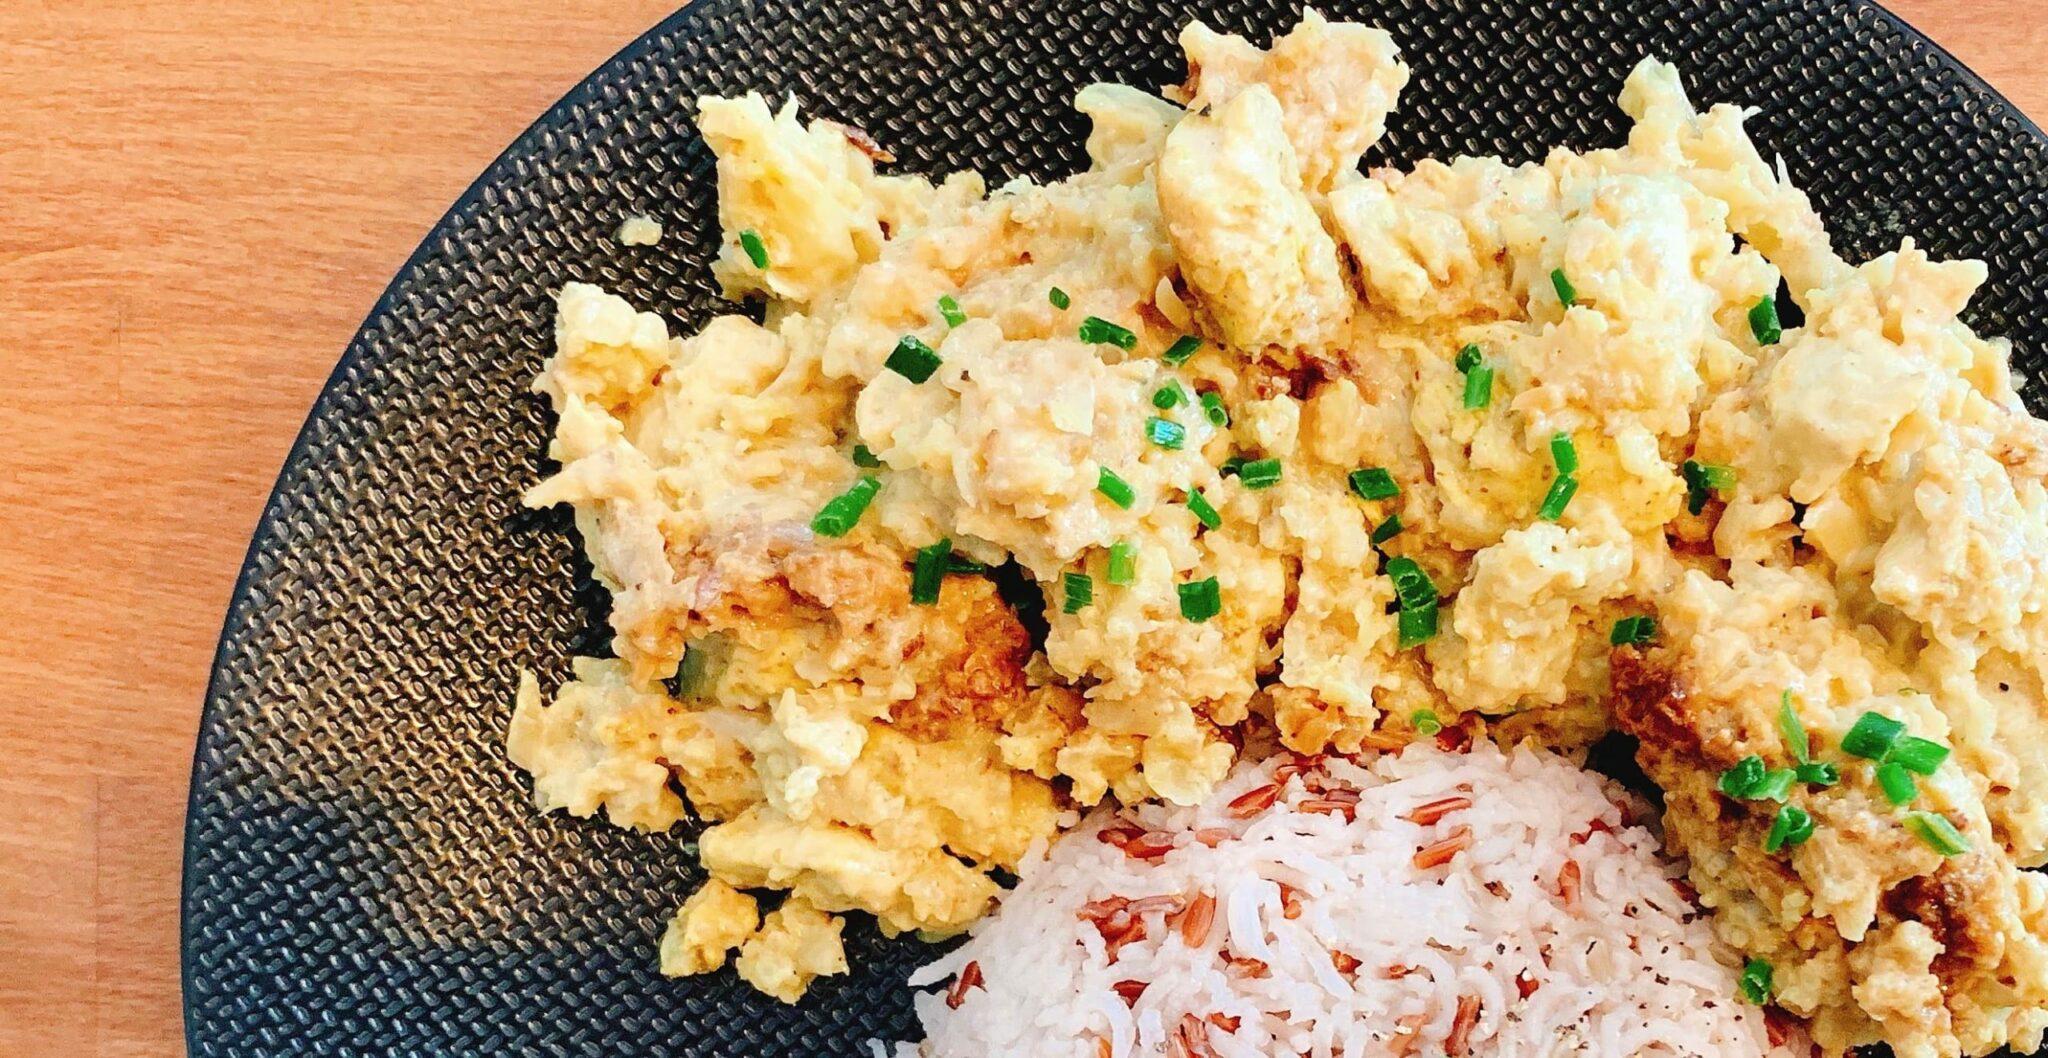 Recette fitness : purée de chou-fleur au curry